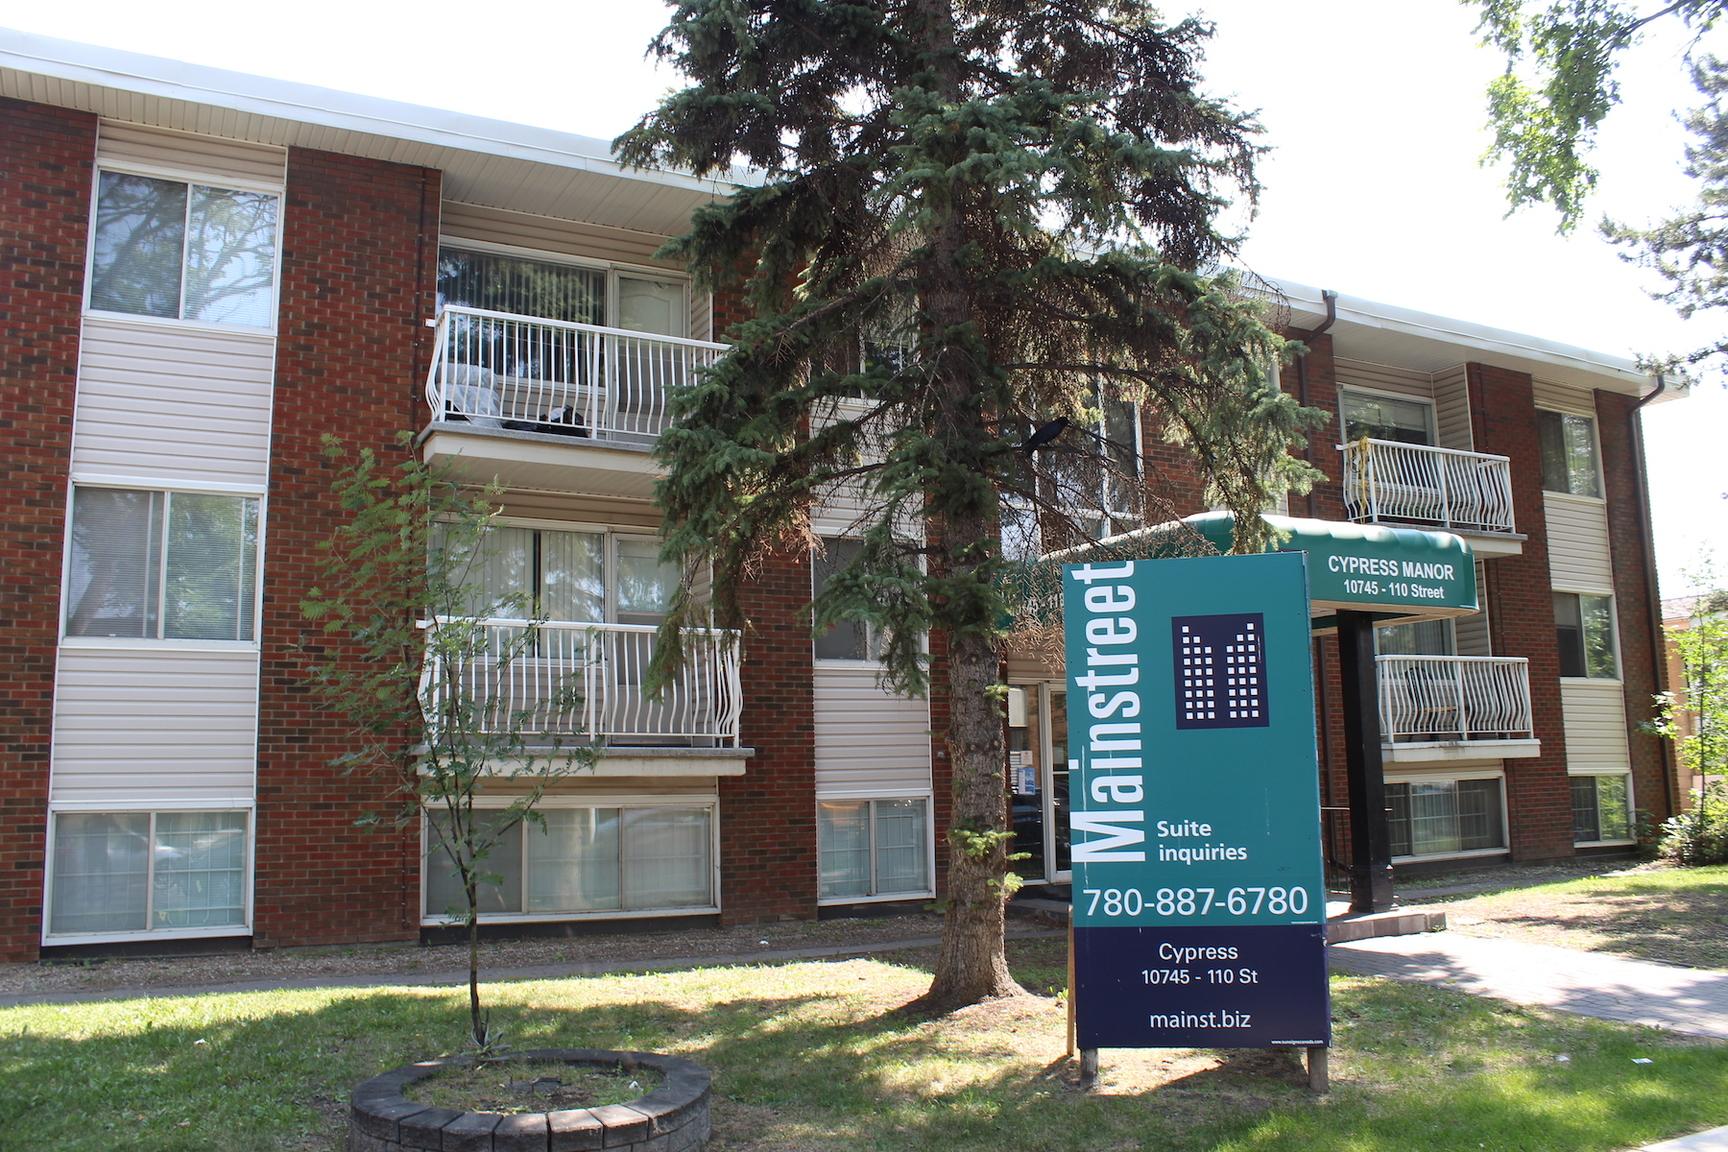 10745 110 Street NW, Edmonton, AB - $750